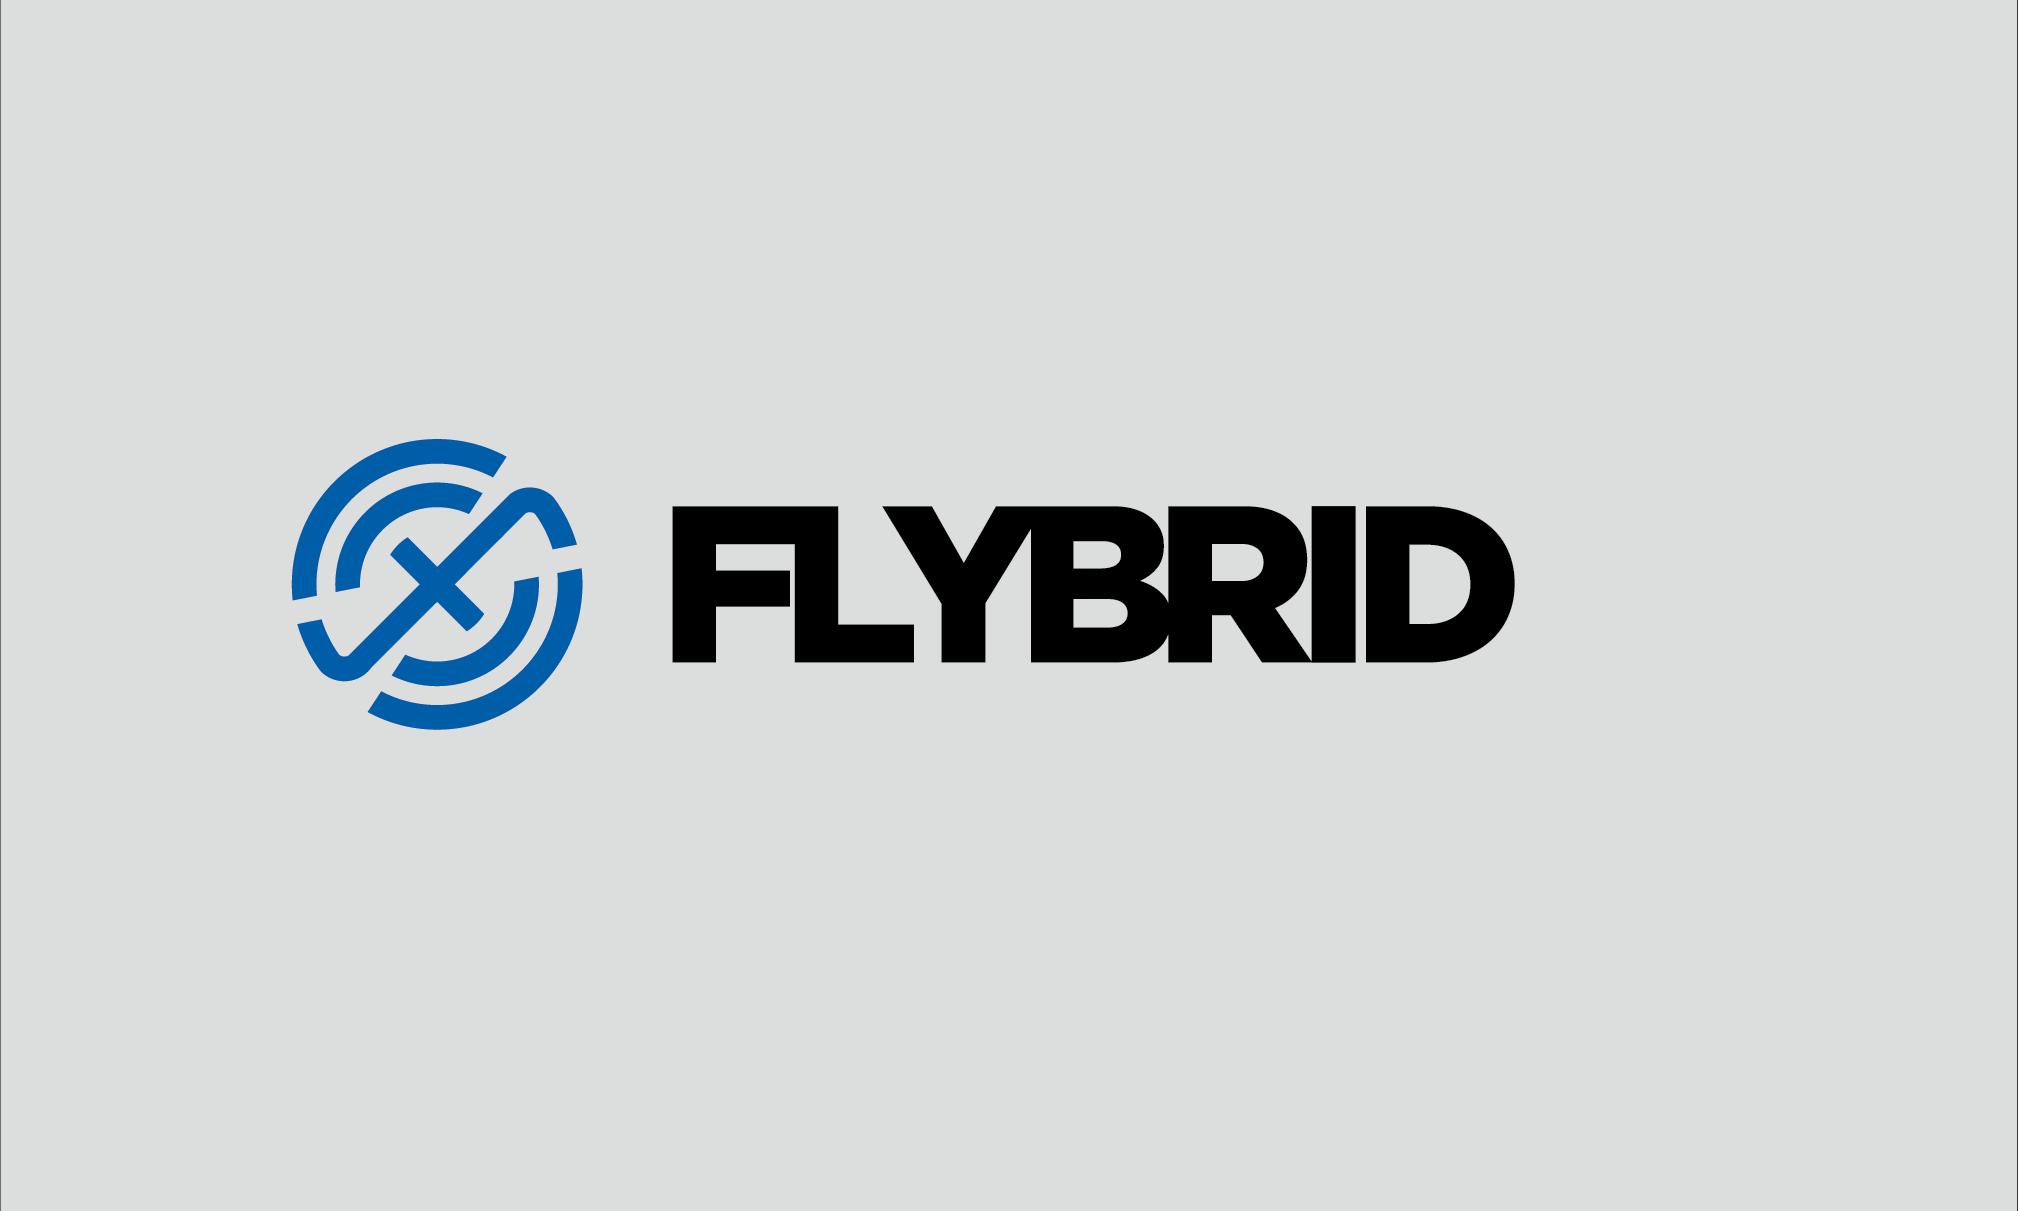 Flybrid_logo-01.png